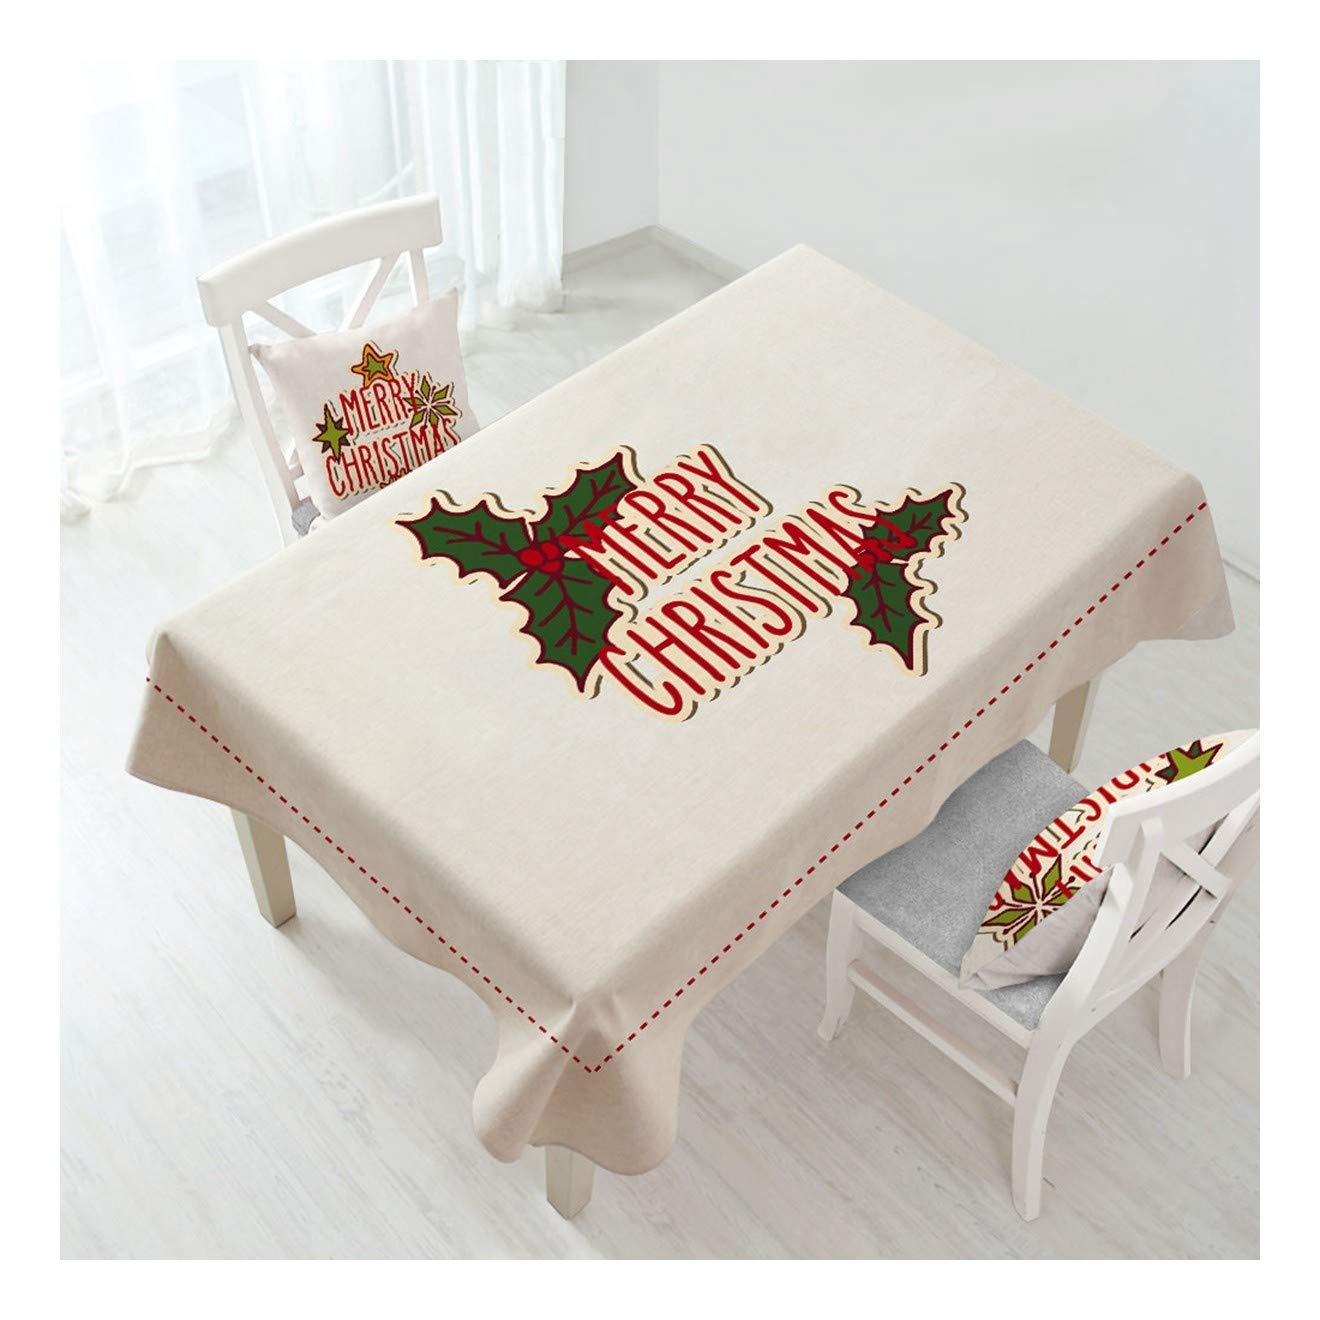 ZHAOXIANGXIANG Lavable Minimalista Cuadro Mat Caricatura Patrón De árbol De Navidad para La Decoración del Hogar Mantel(Sin Funda De Almohada),140Cmtimes;280Cm